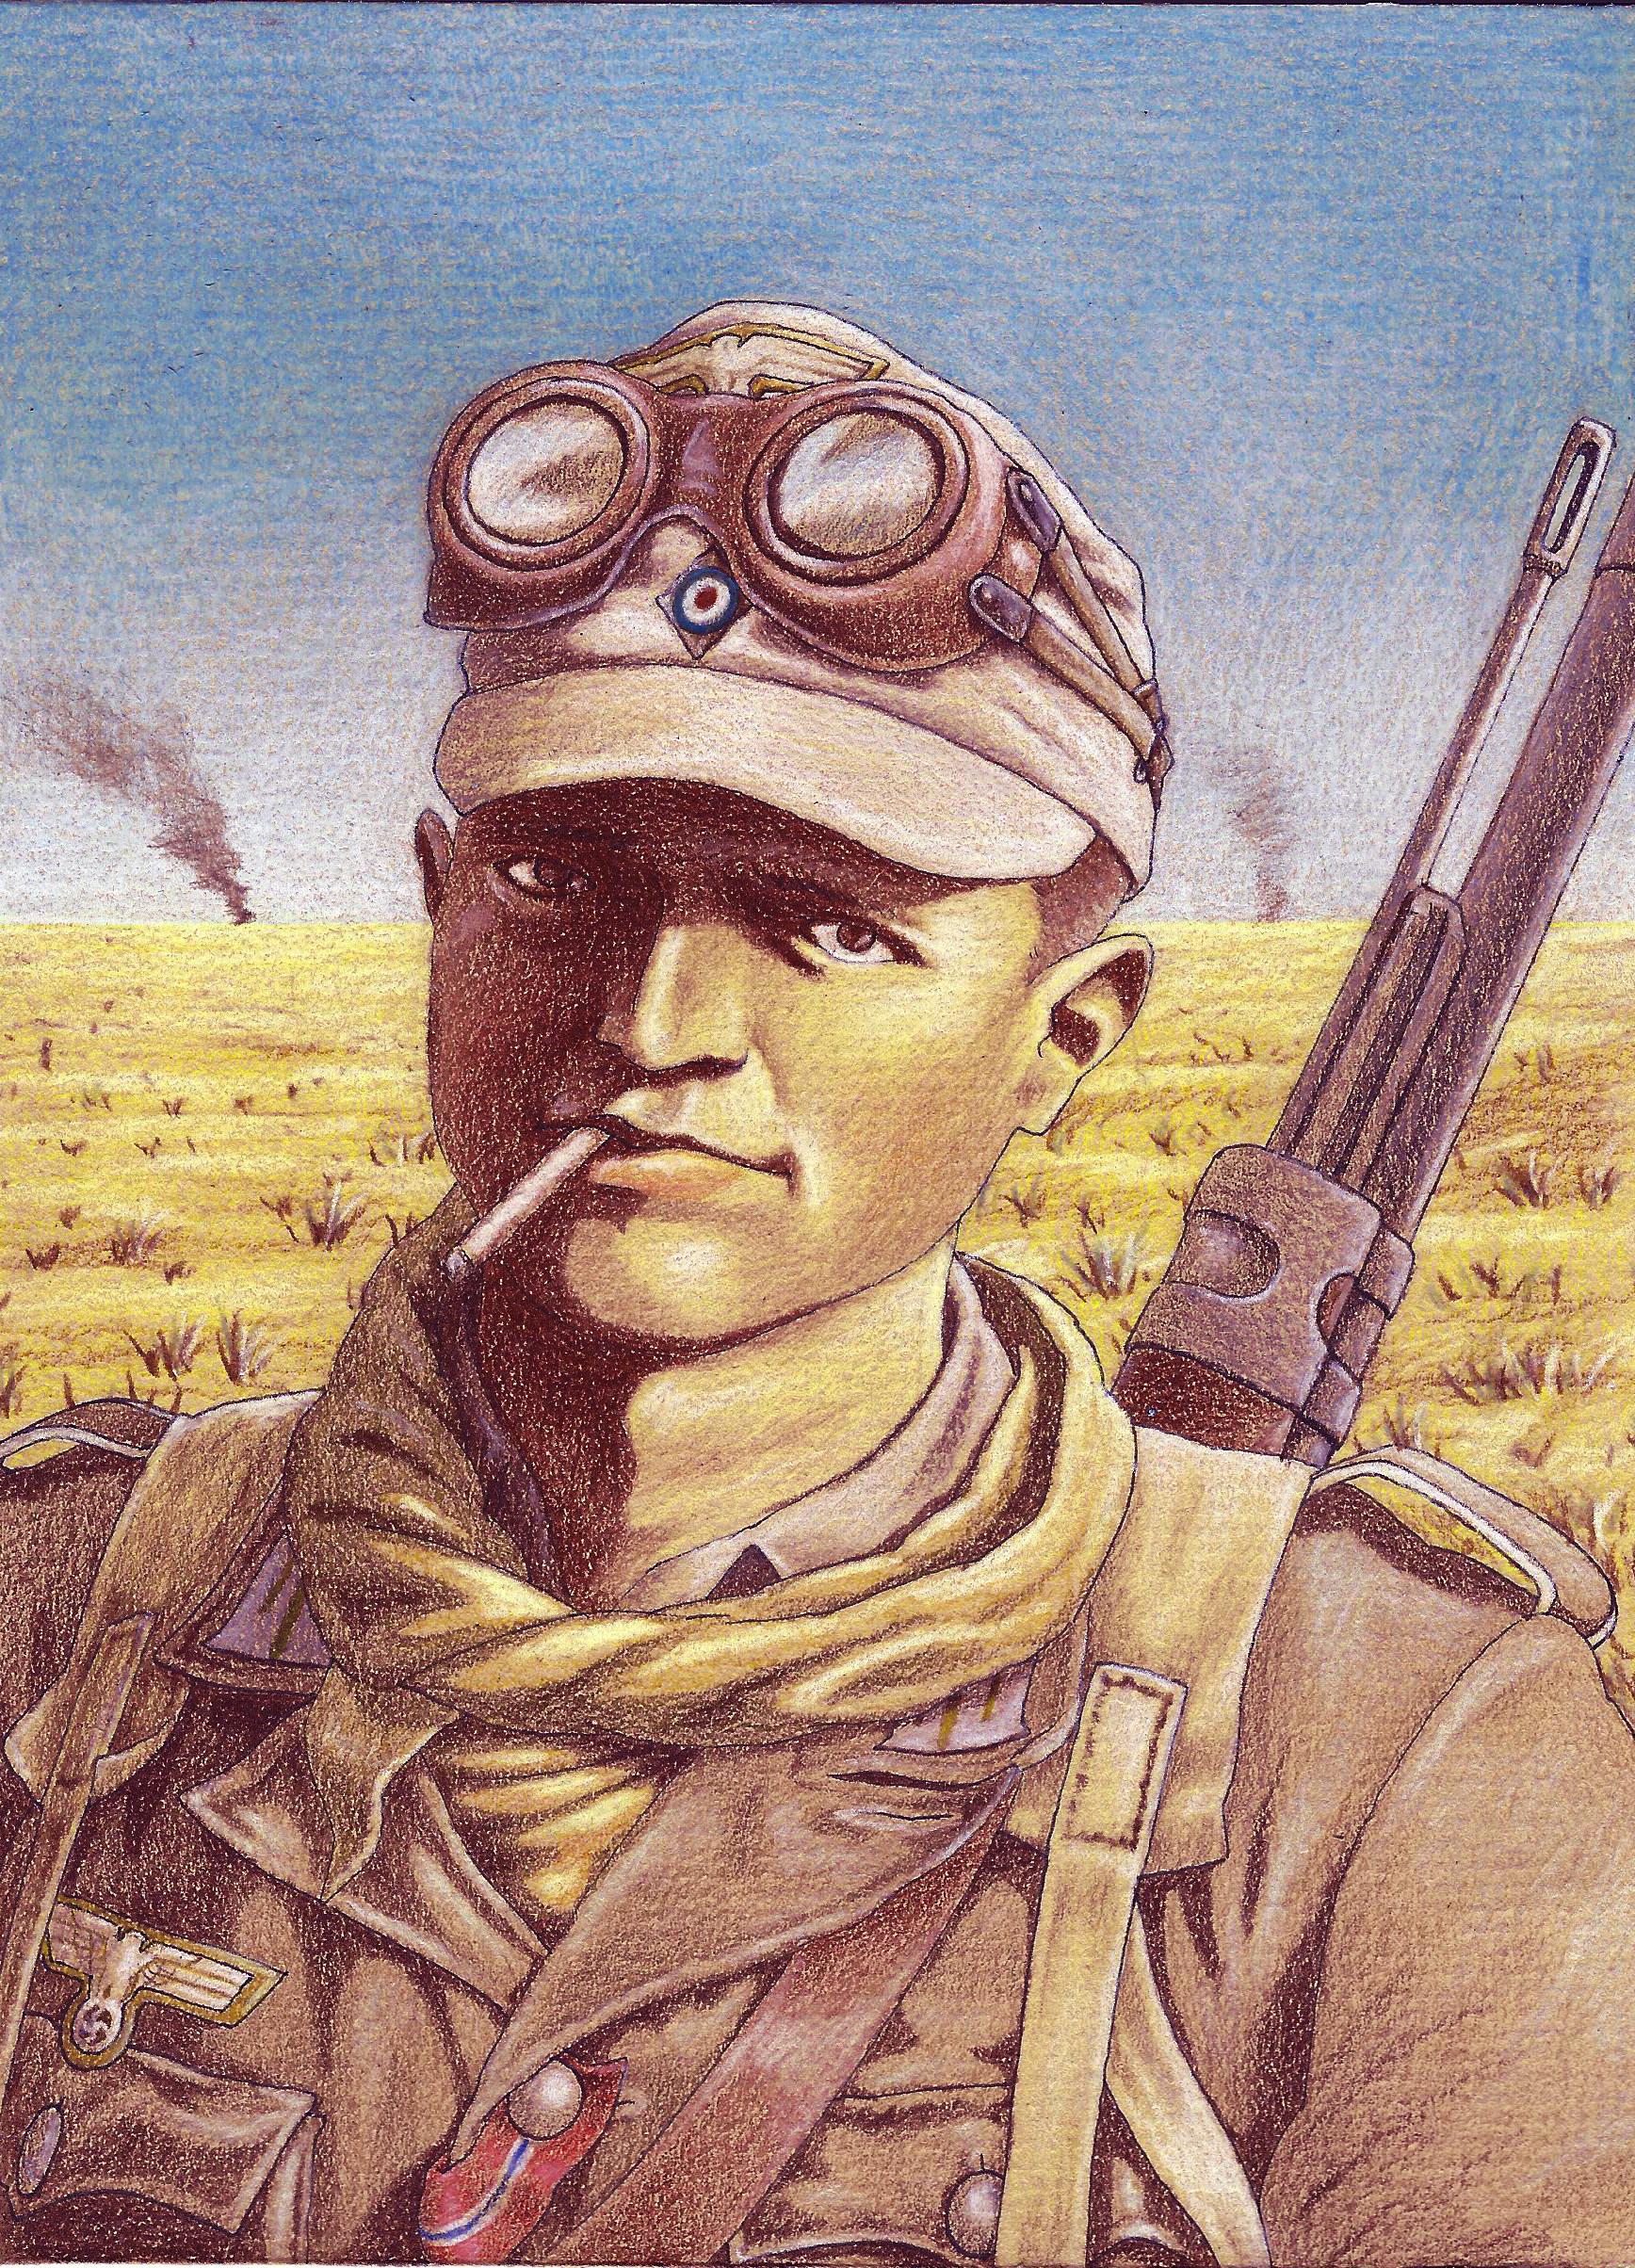 Afrika Korps (2)